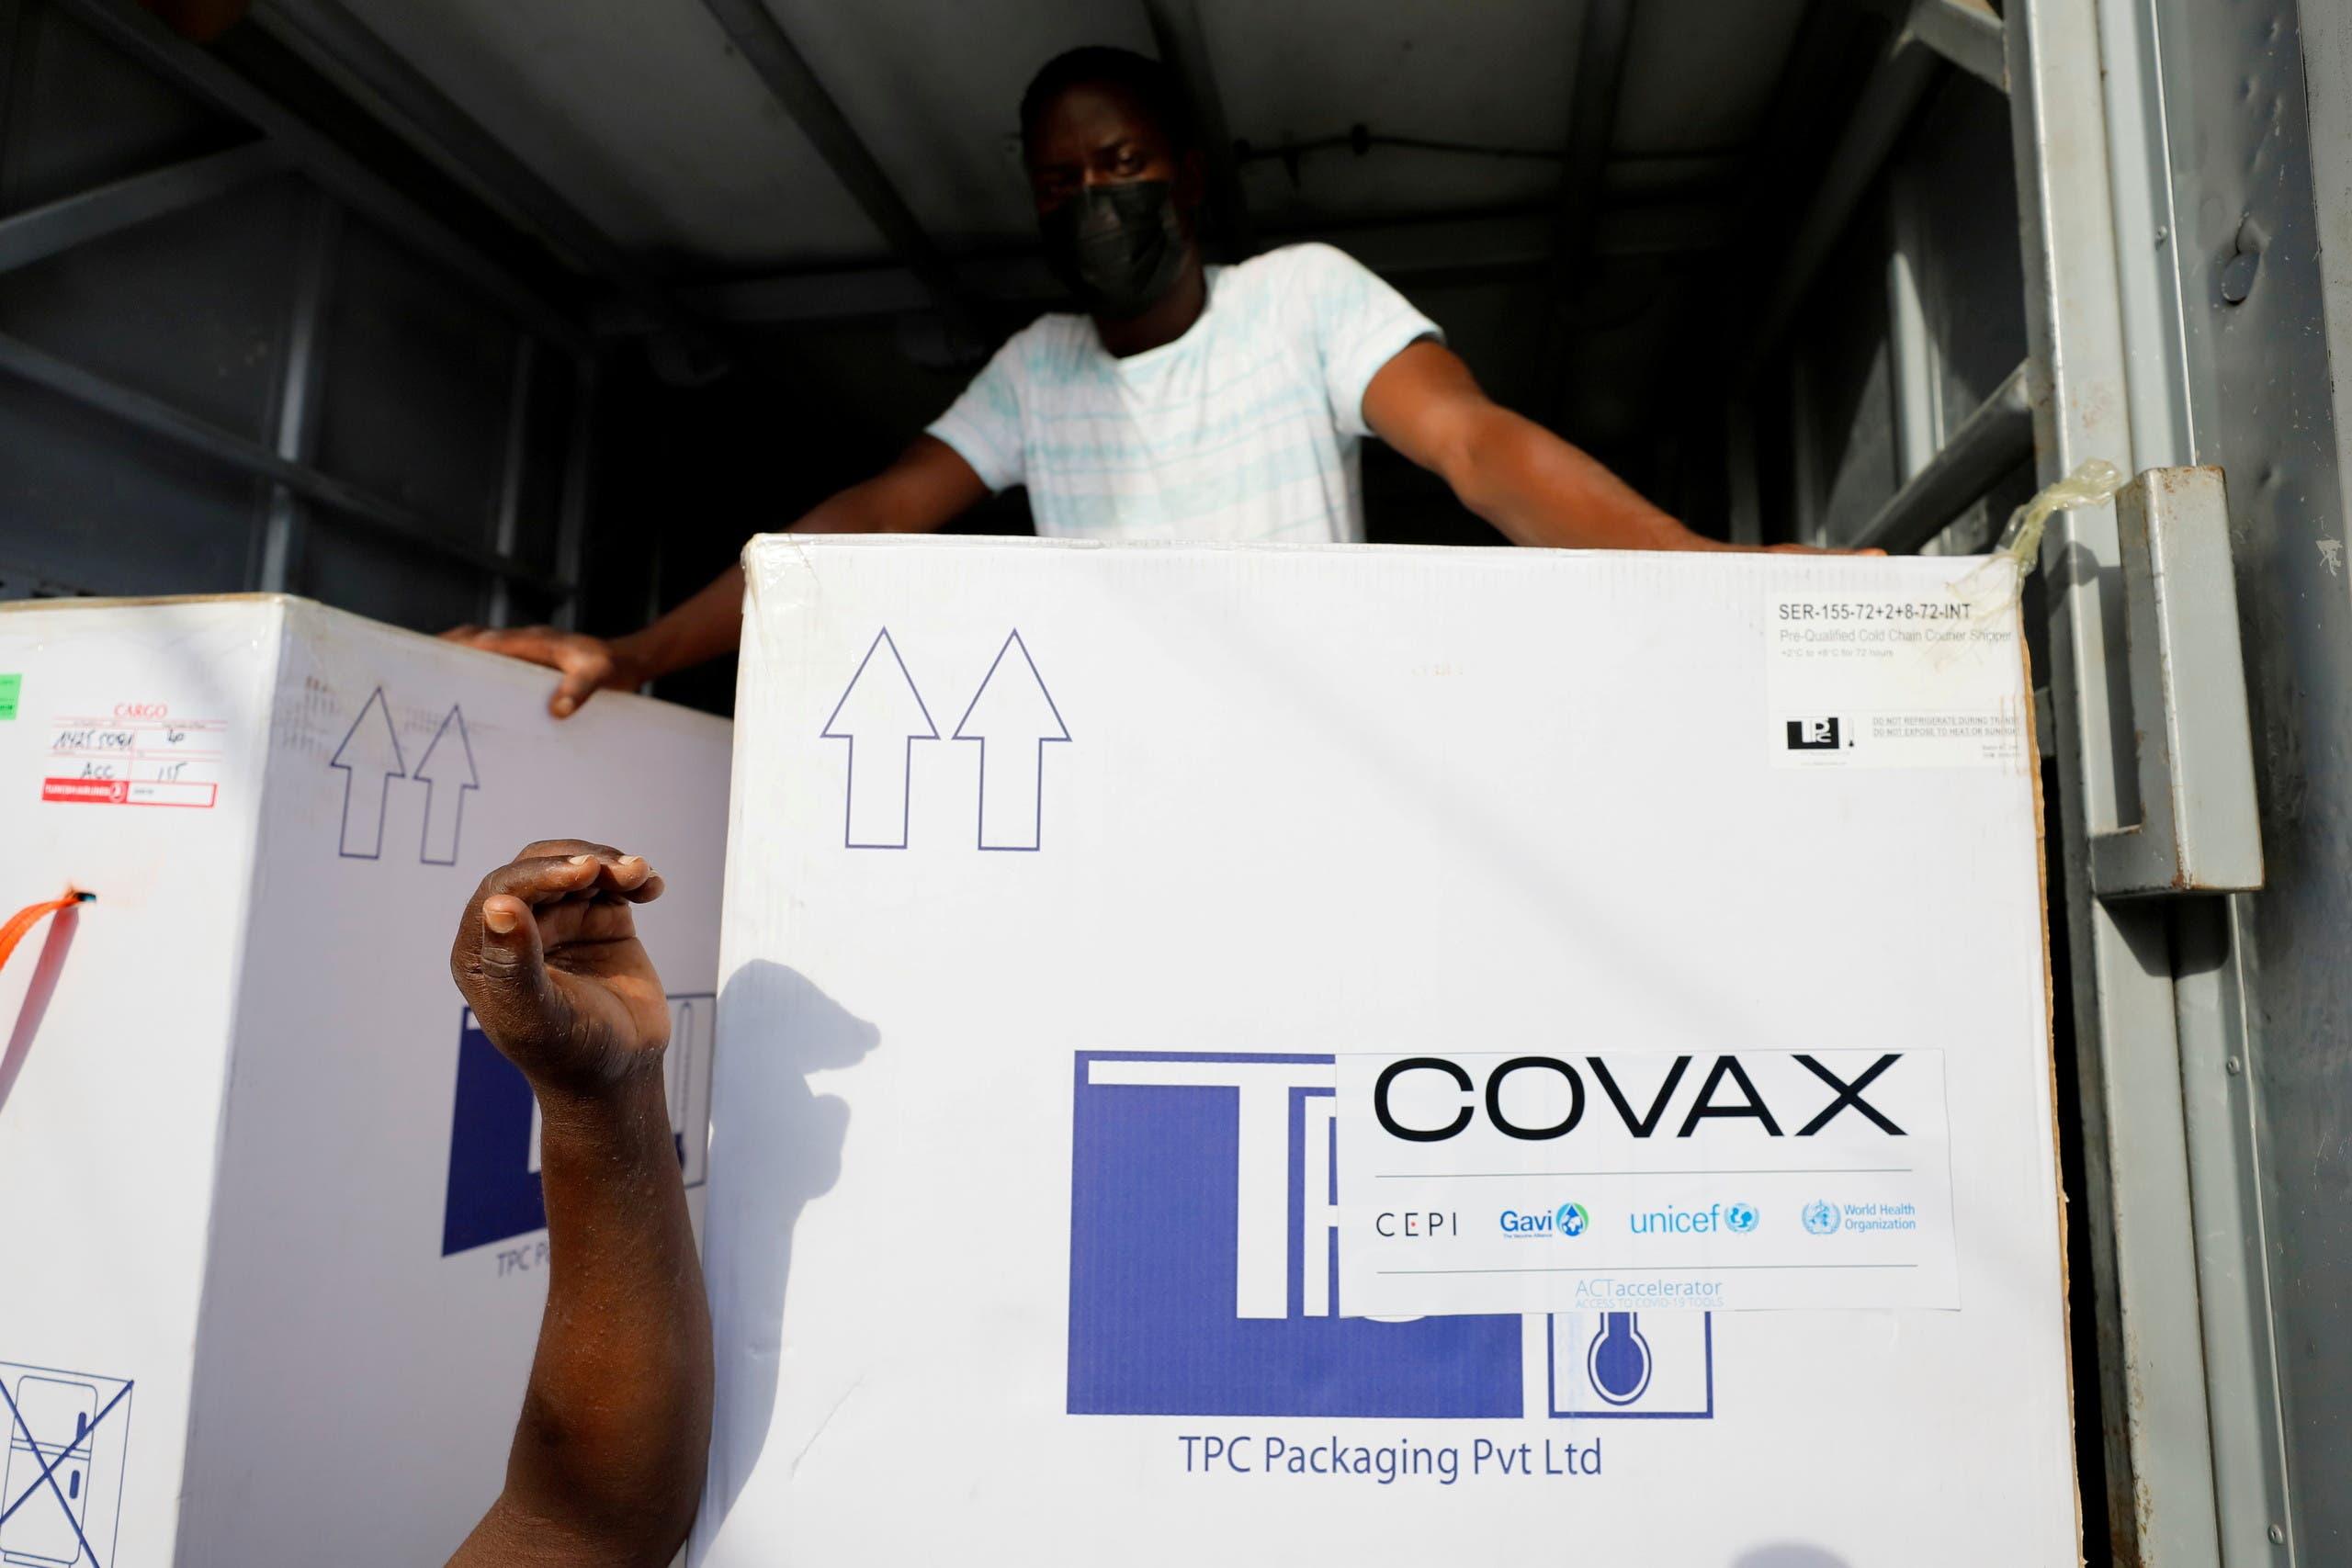 شحنة لقاحات تصل غانا عبر آلية كوفاكس